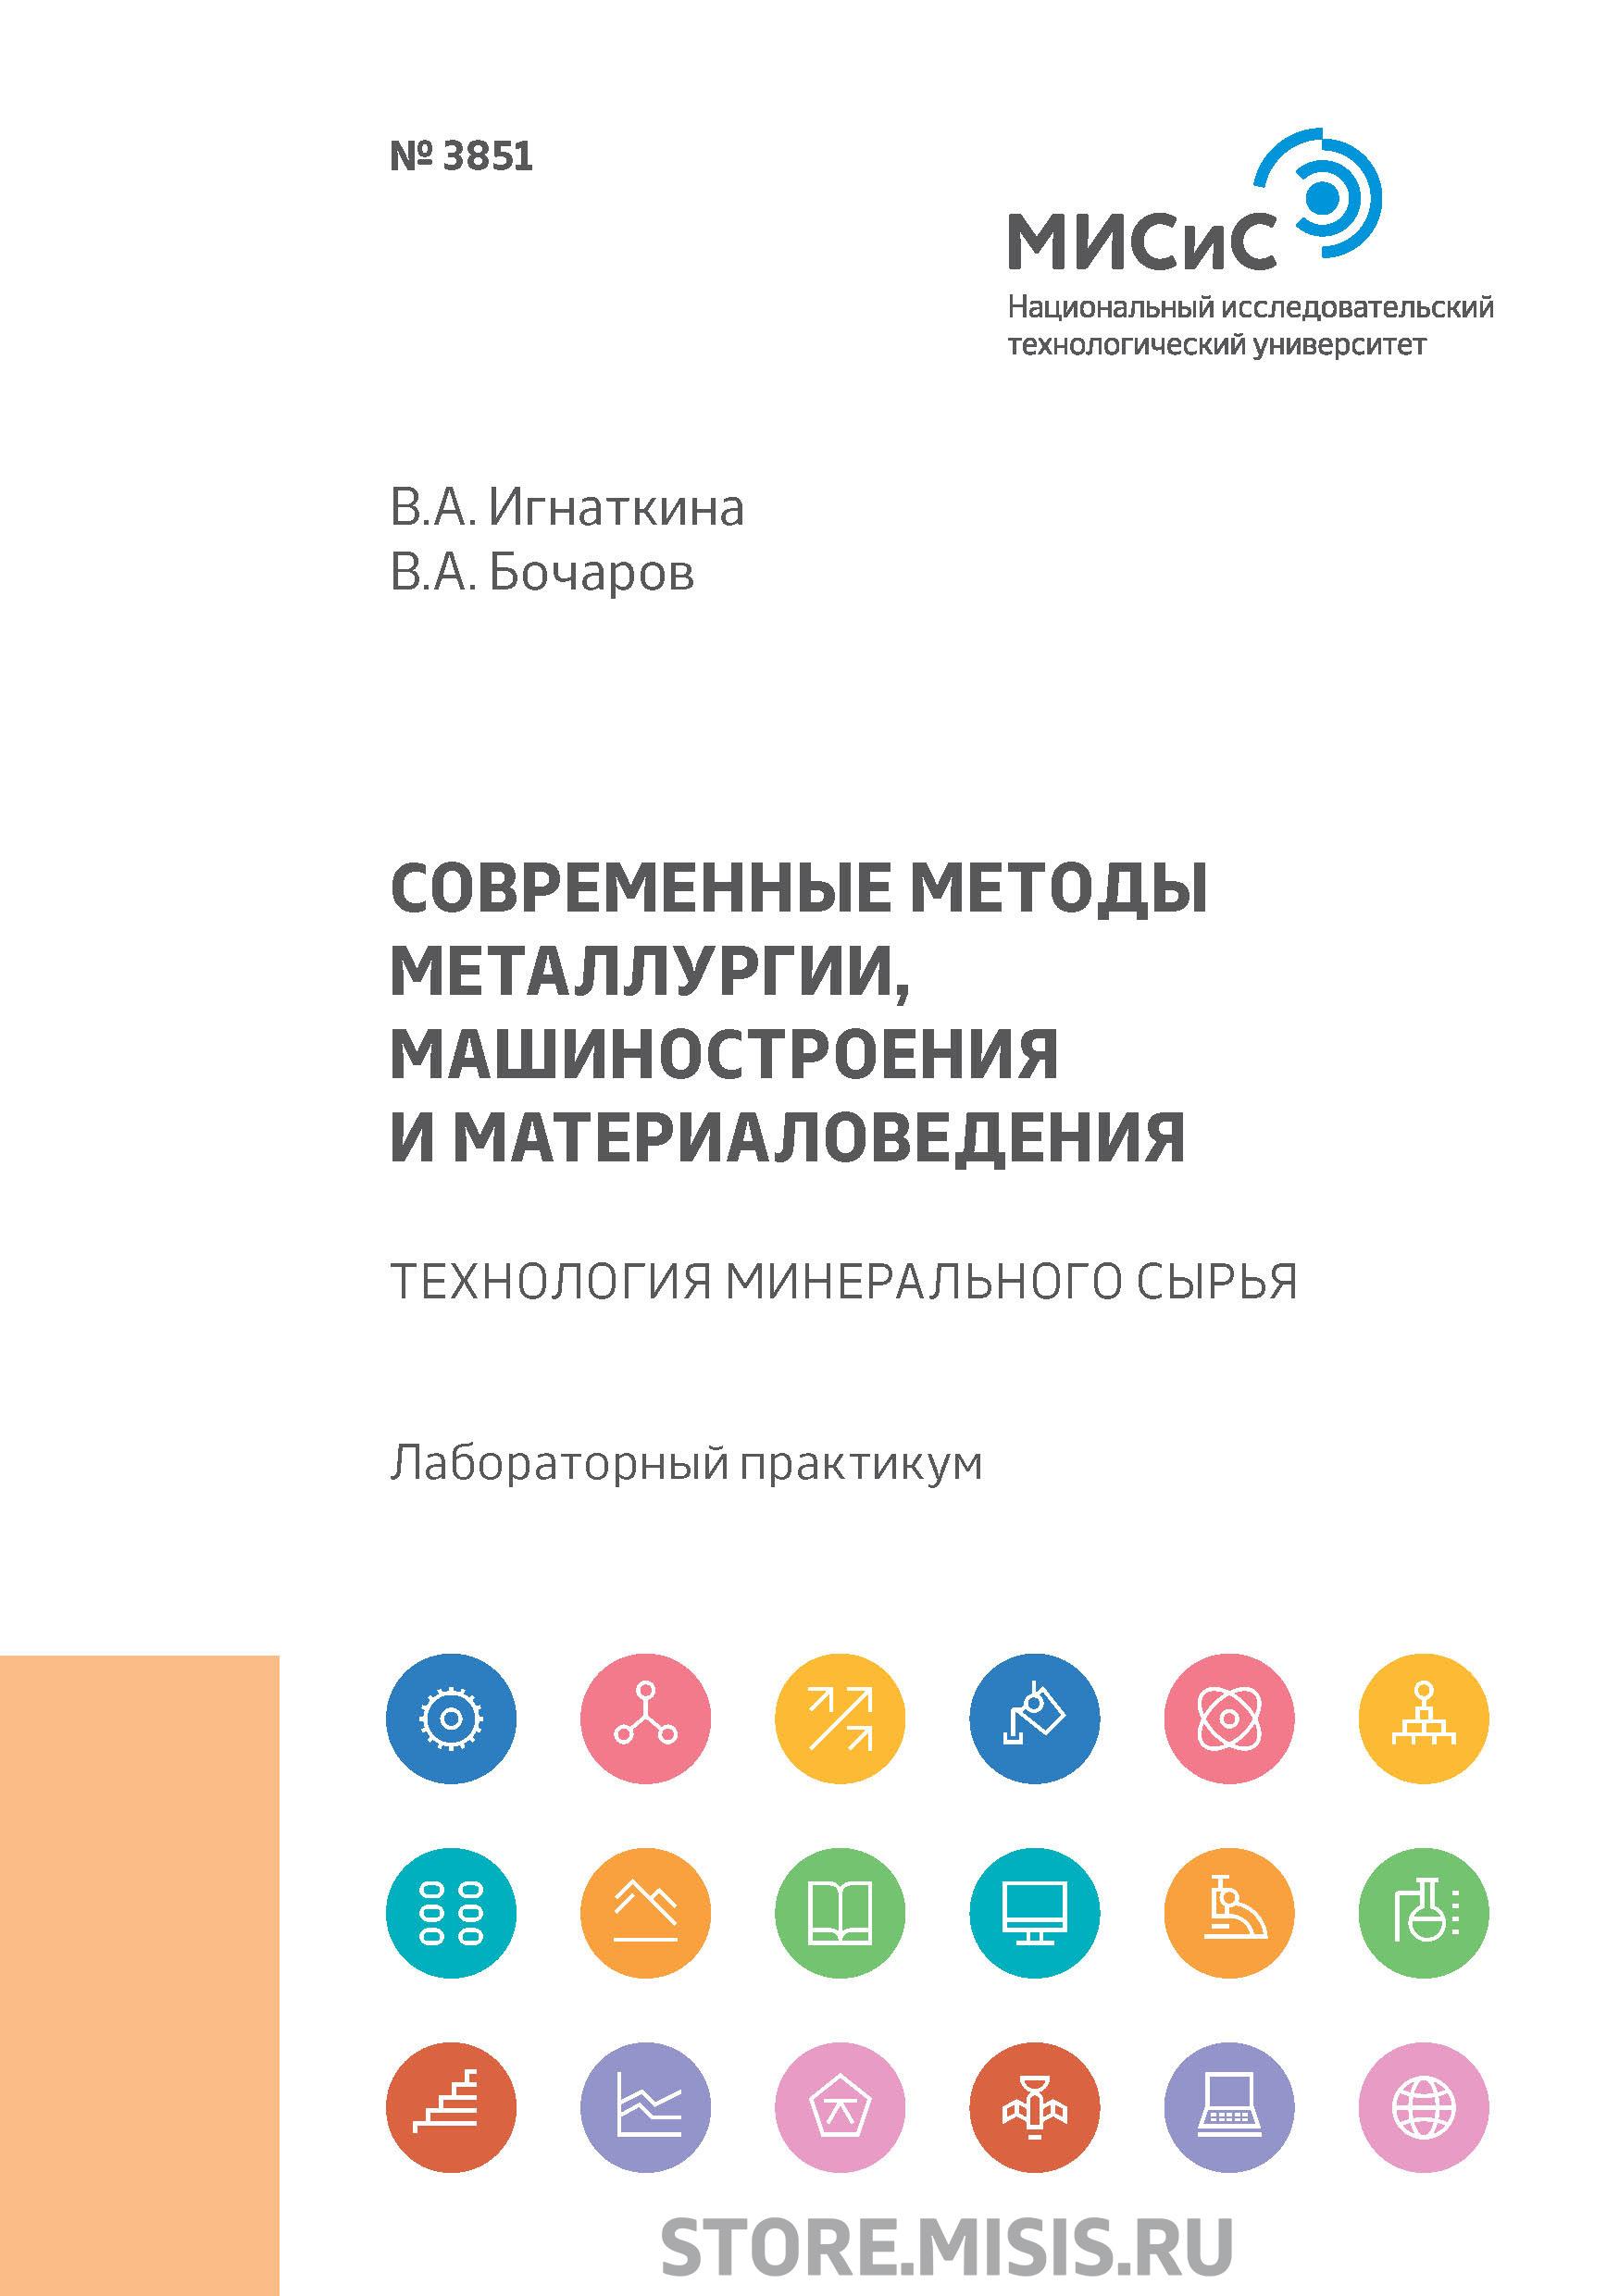 В. А. Бочаров / Современные методы металлургии, машиностроения и материаловедения. Технология минерального сырья